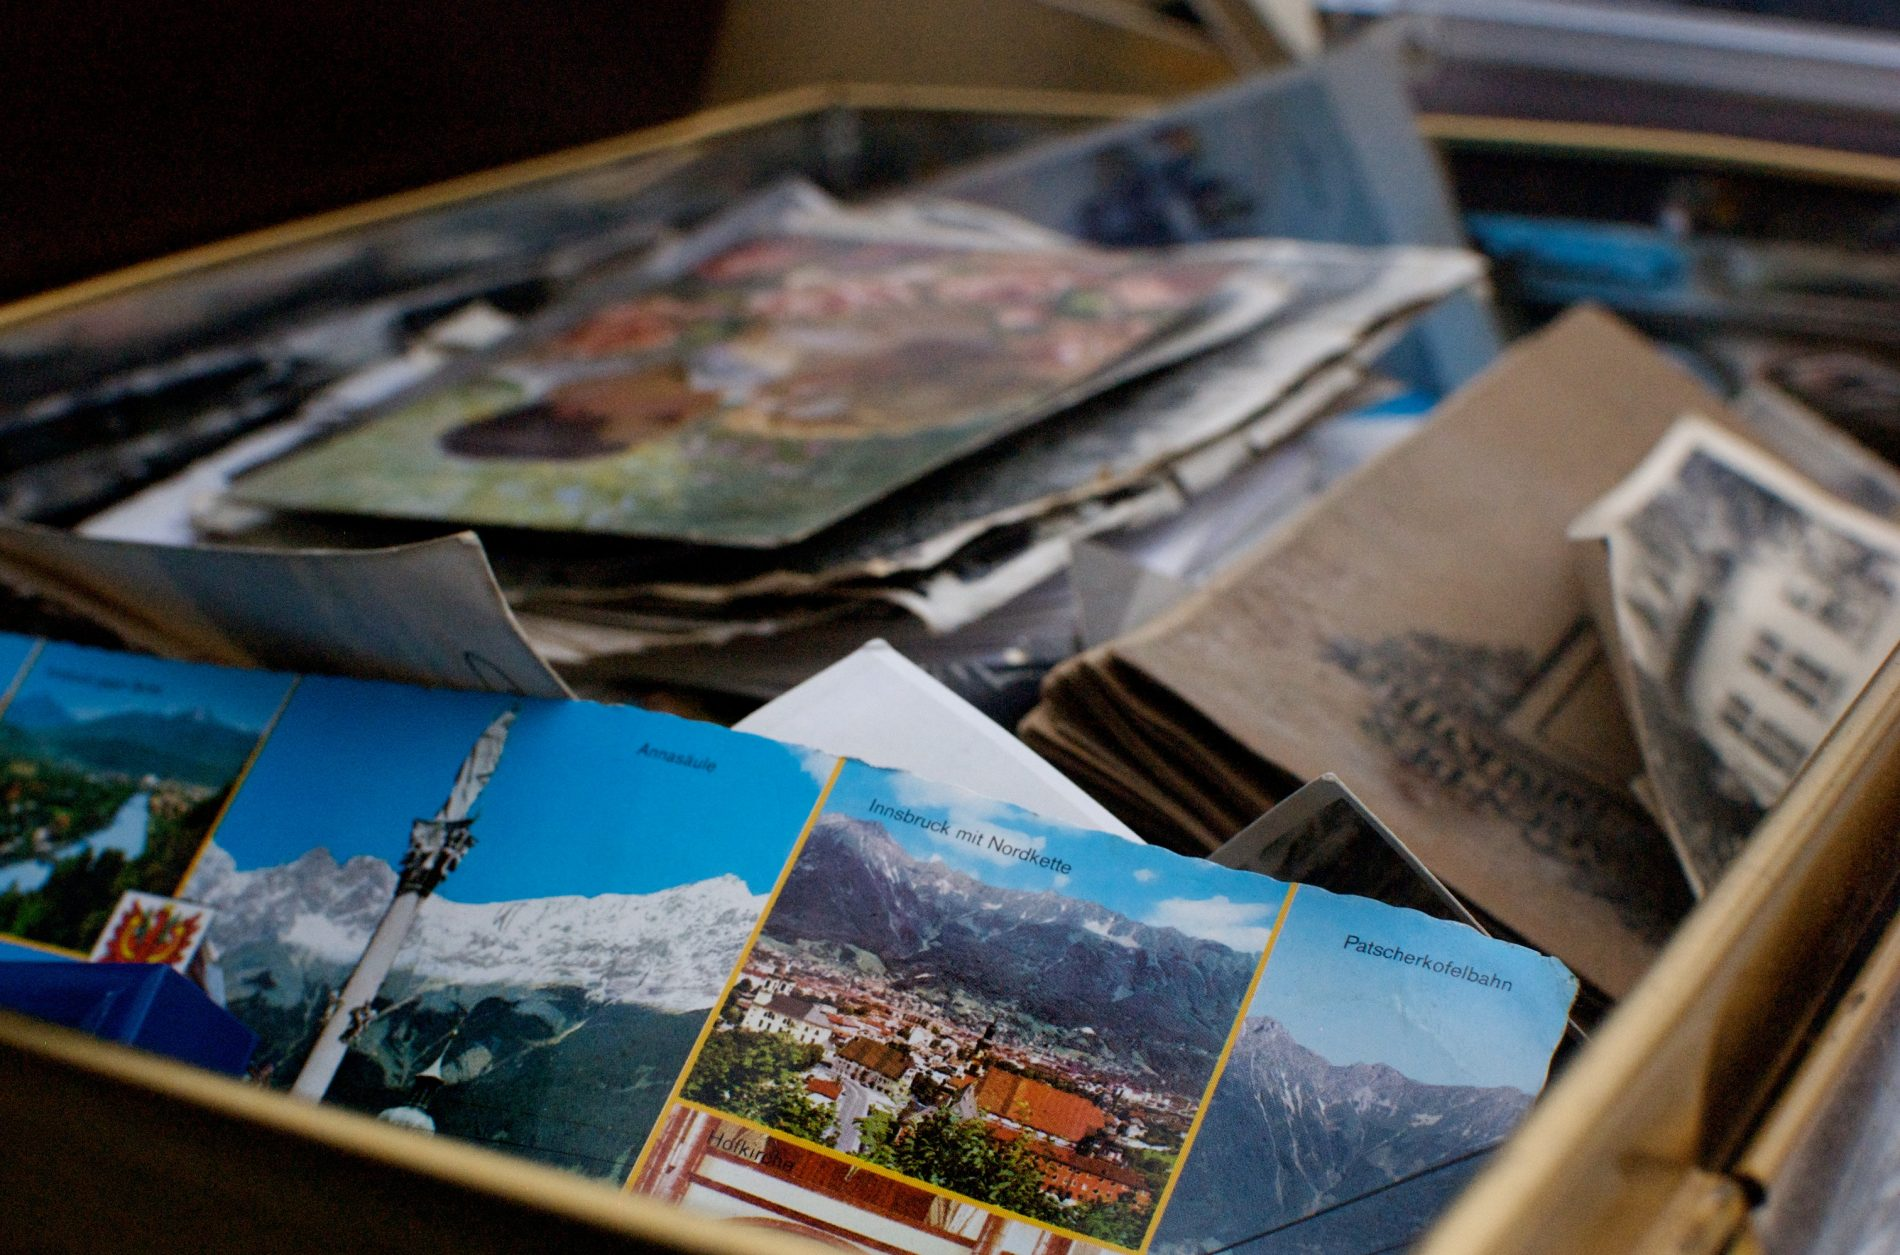 Release your inner 'de-clutter diva'